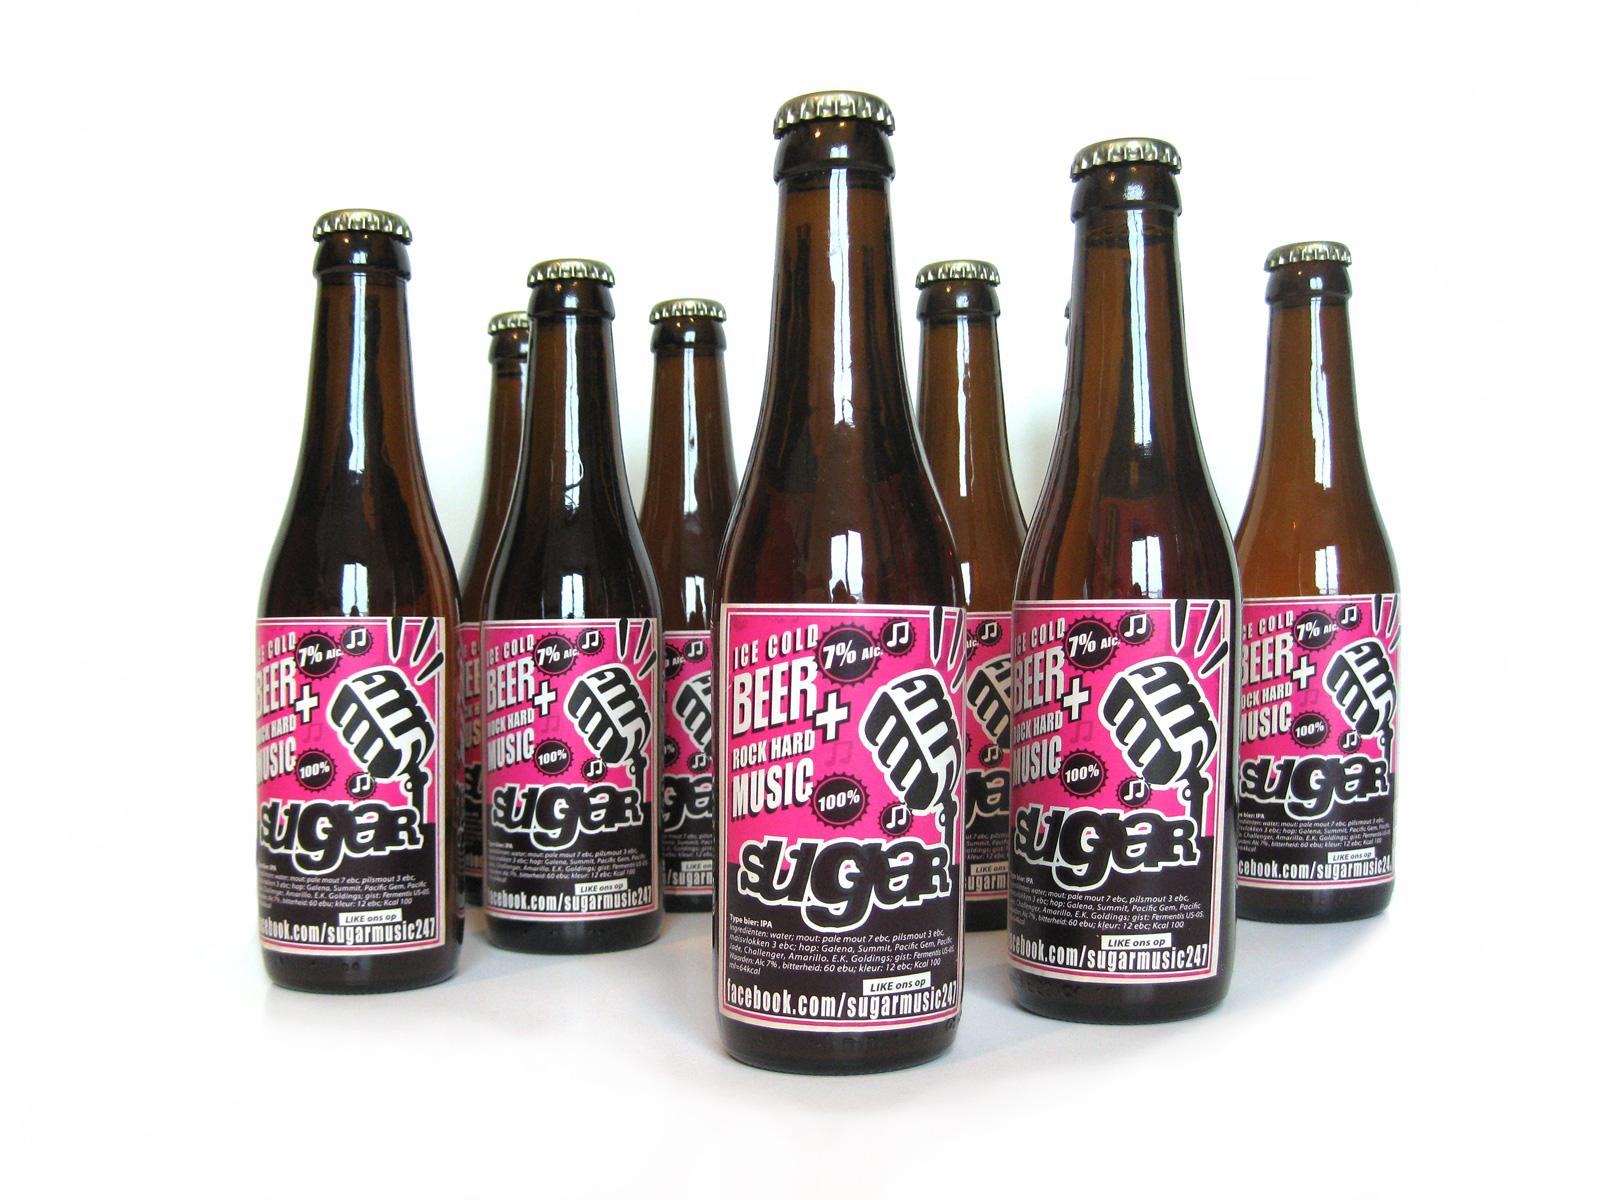 voorbeeld van bieretiket ter promotie voor rockband sugar